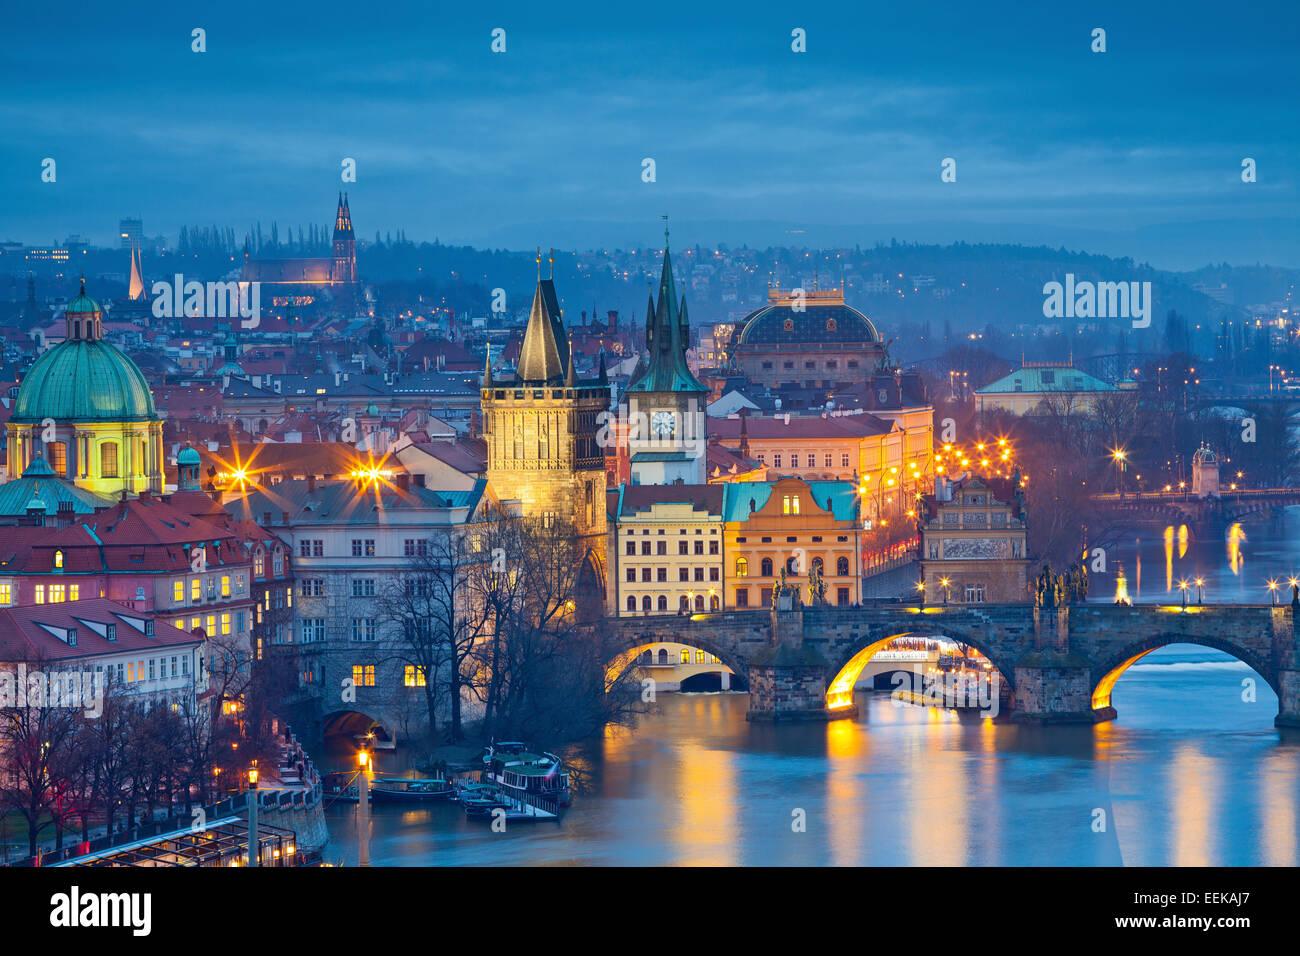 Prag.  Bild von Prag, der Hauptstadt Stadt der Tschechischen Republik und der Karlsbrücke, während blaue Stockbild